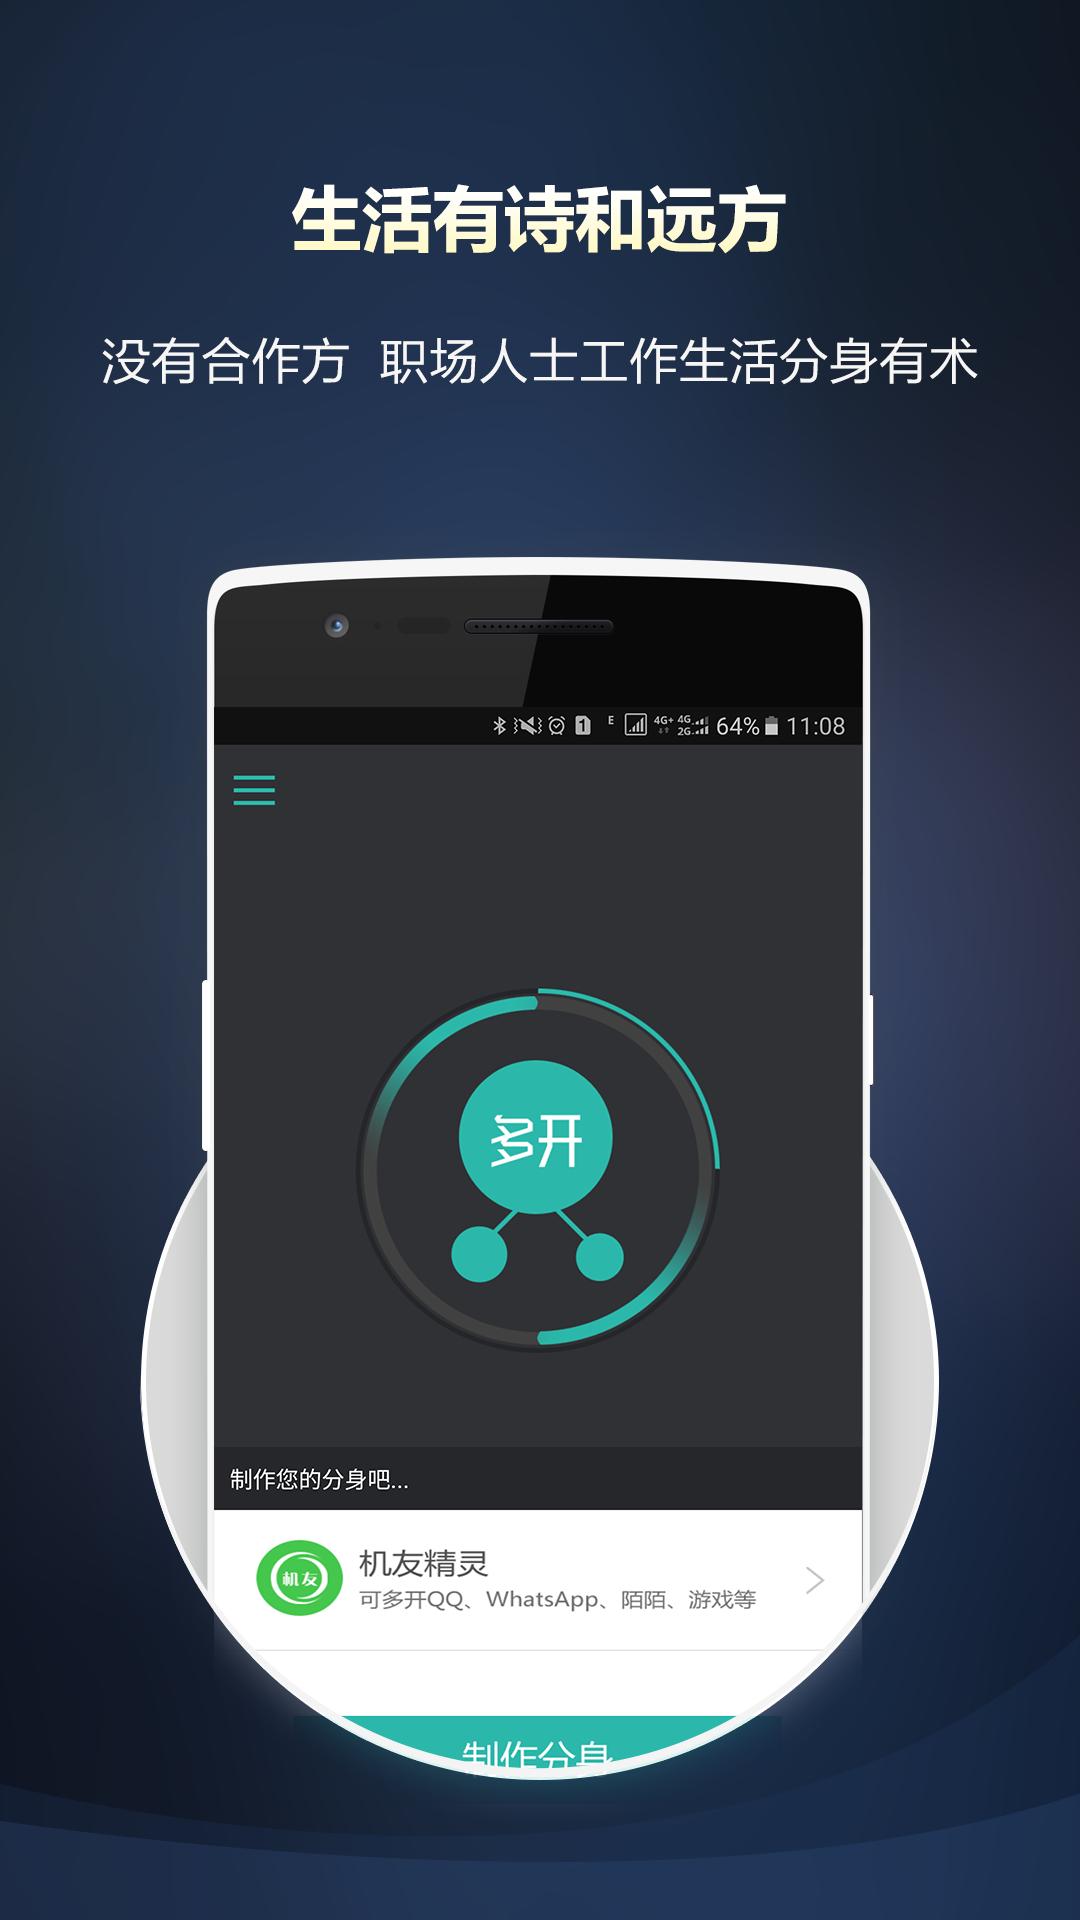 微信多开宝 V2.7.7 安卓版截图2